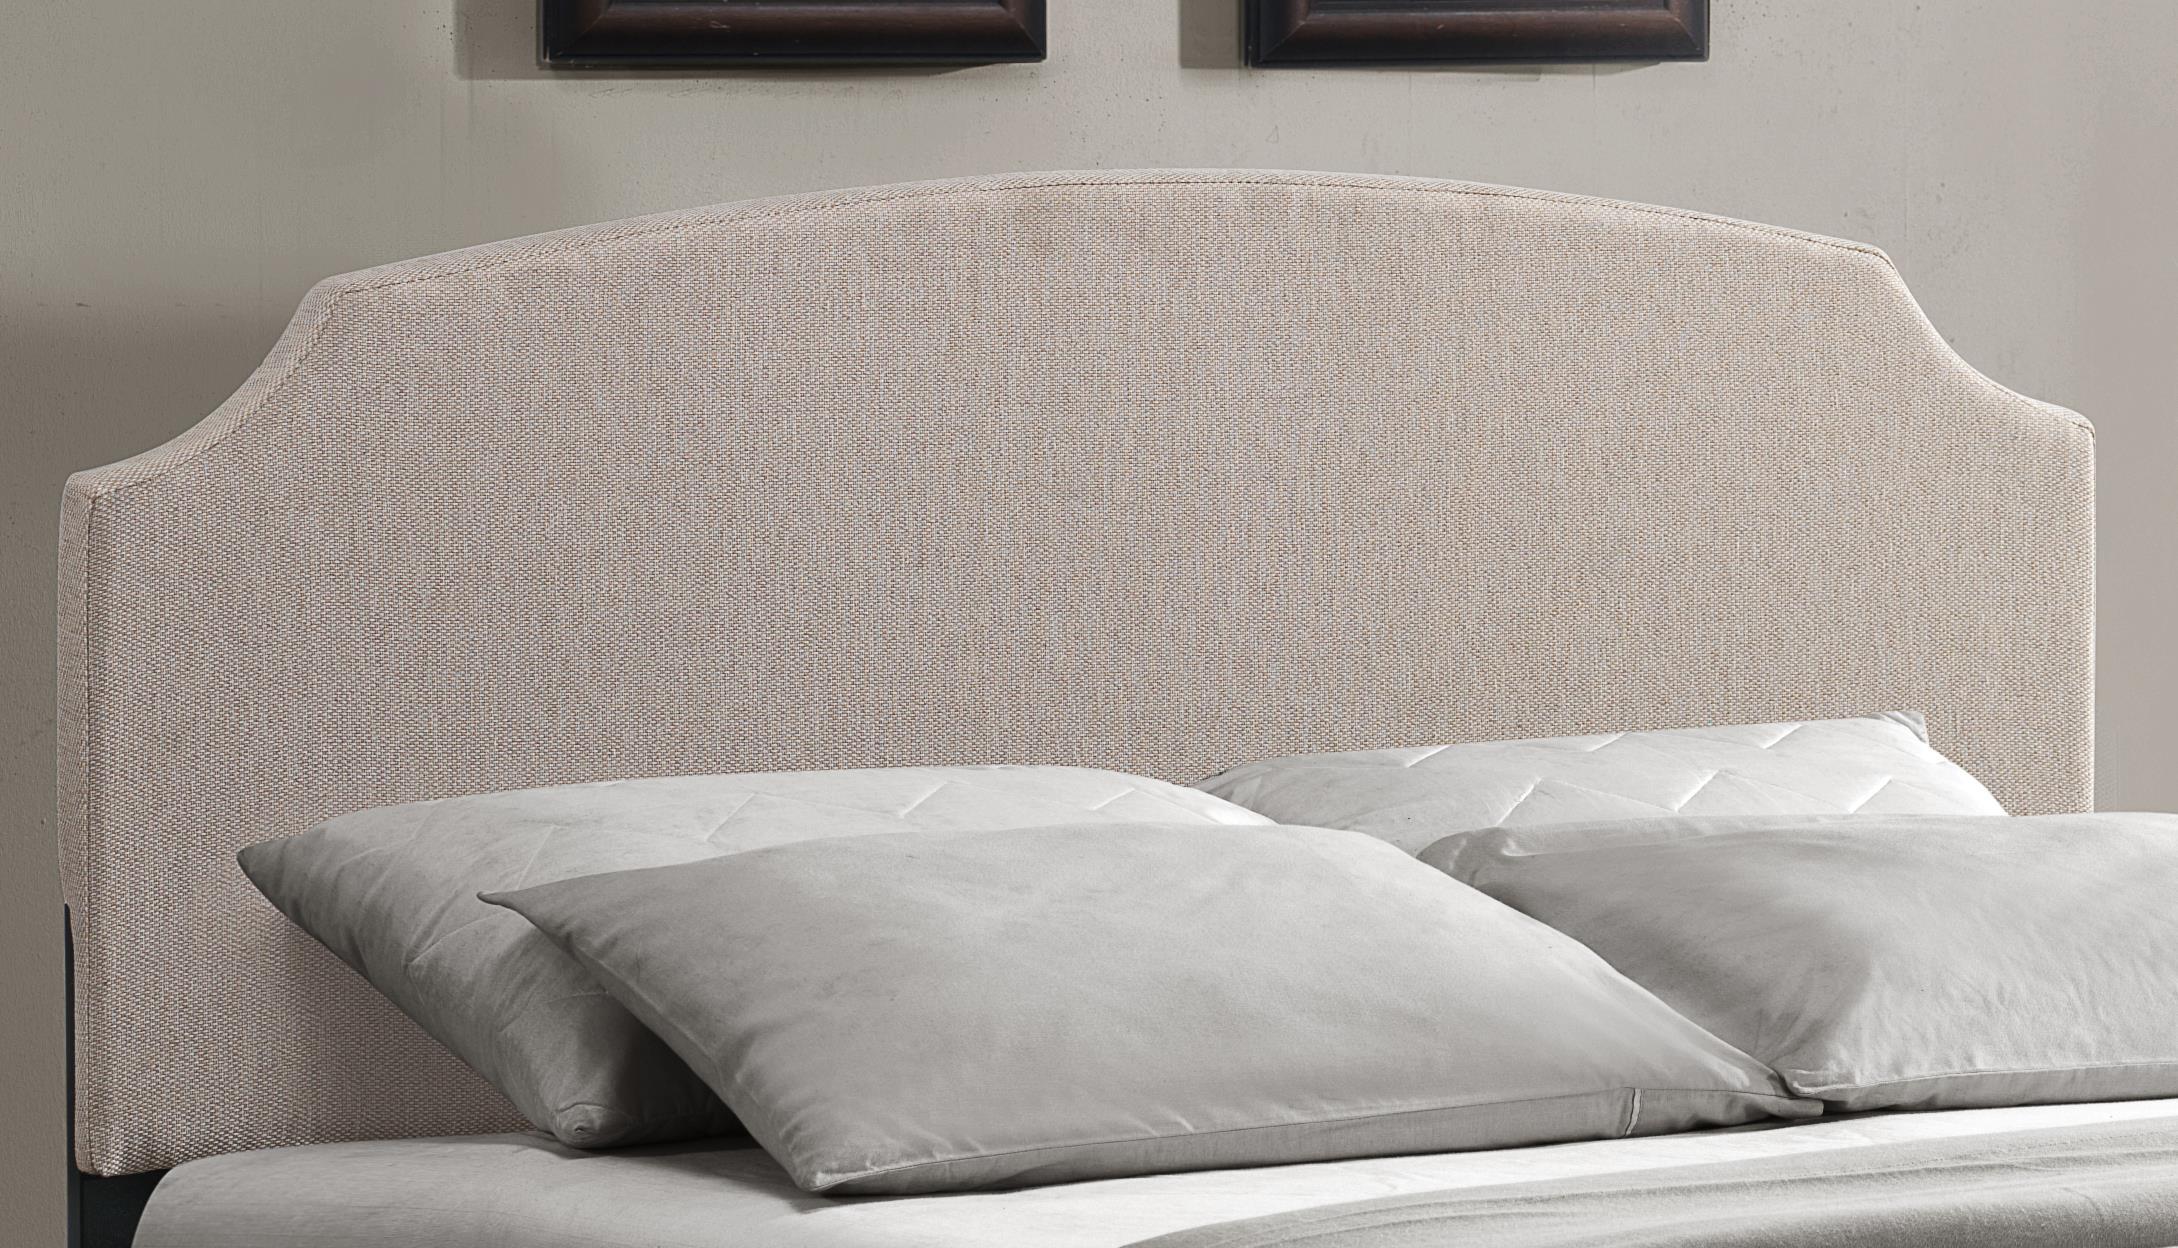 Hillsdale Upholstered Beds Lawler Full Headboard Set - Item Number: 1299-471